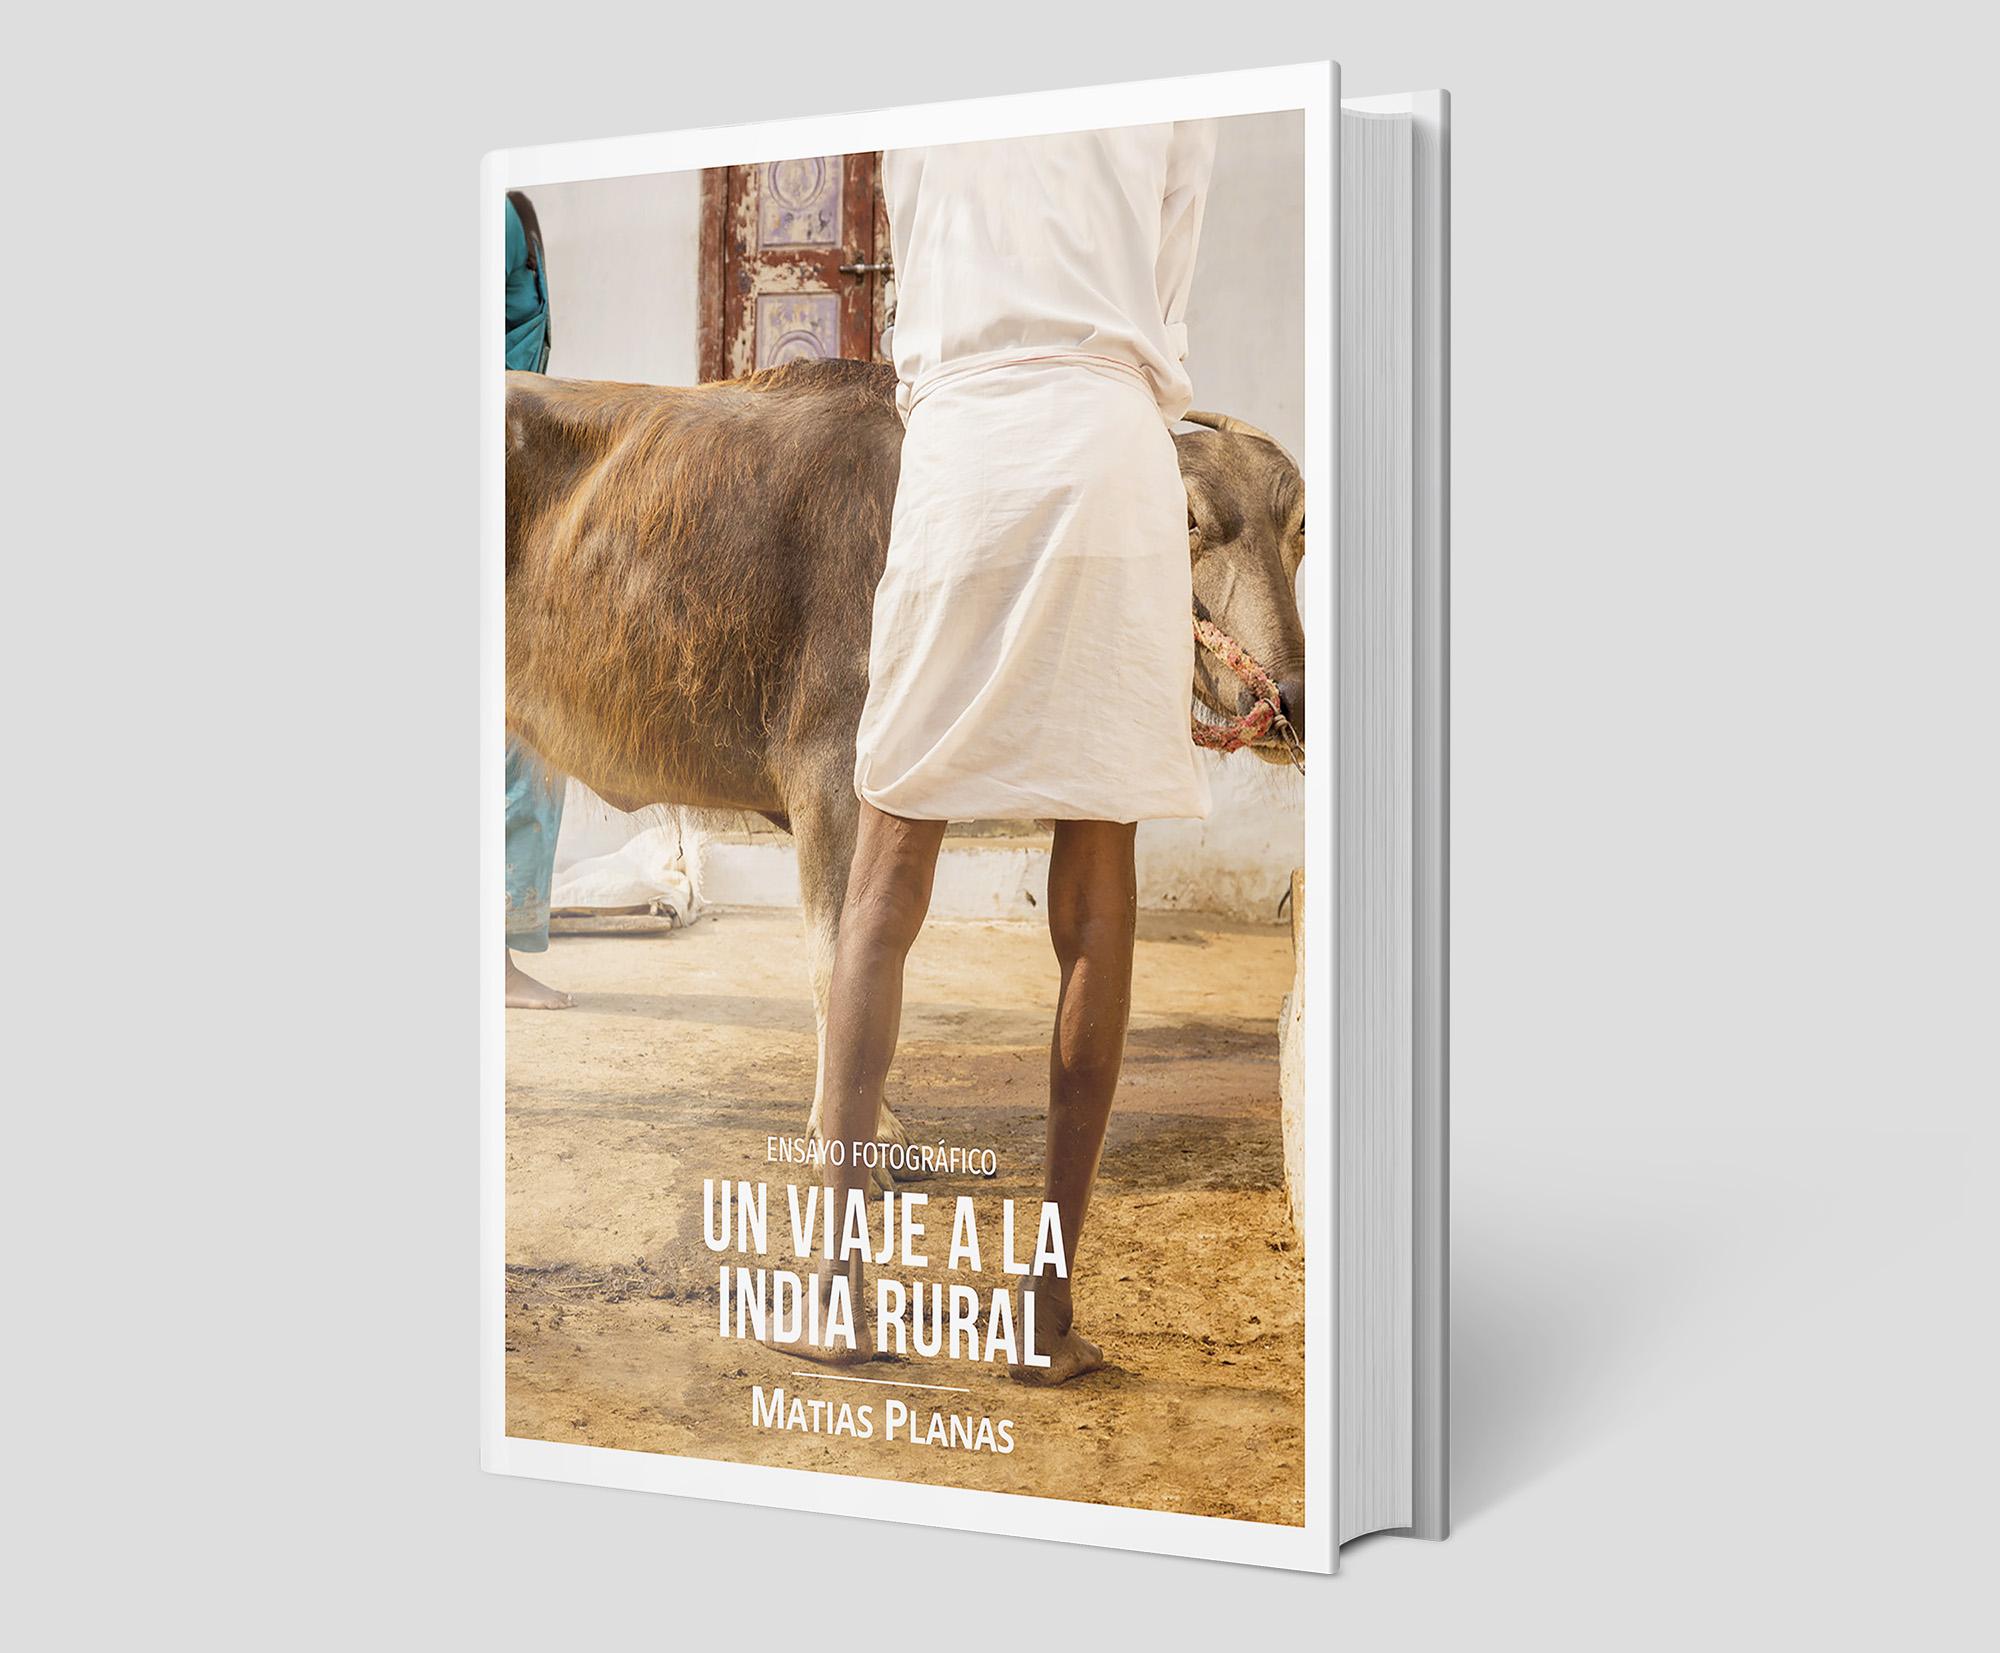 Presentación del ebook Un viaje a la India Rural  en el Festival de la Palabra